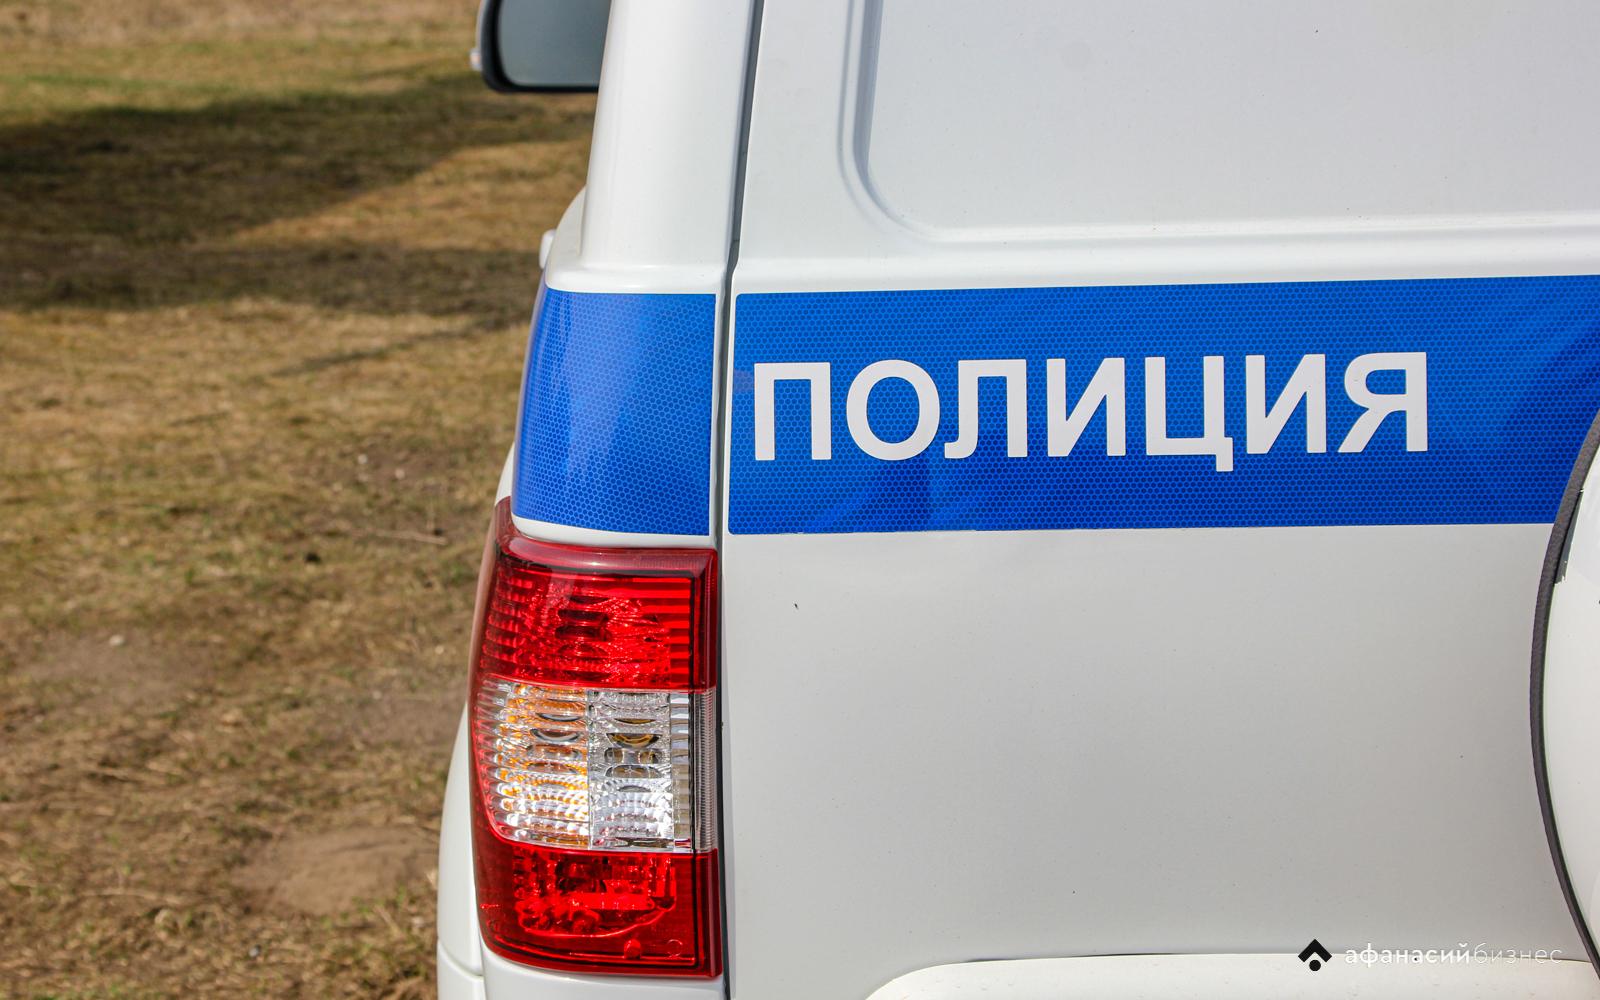 Житель Тверской области получил 3 млн рублей на развитие несуществующего фермерского хозяйства - новости Афанасий